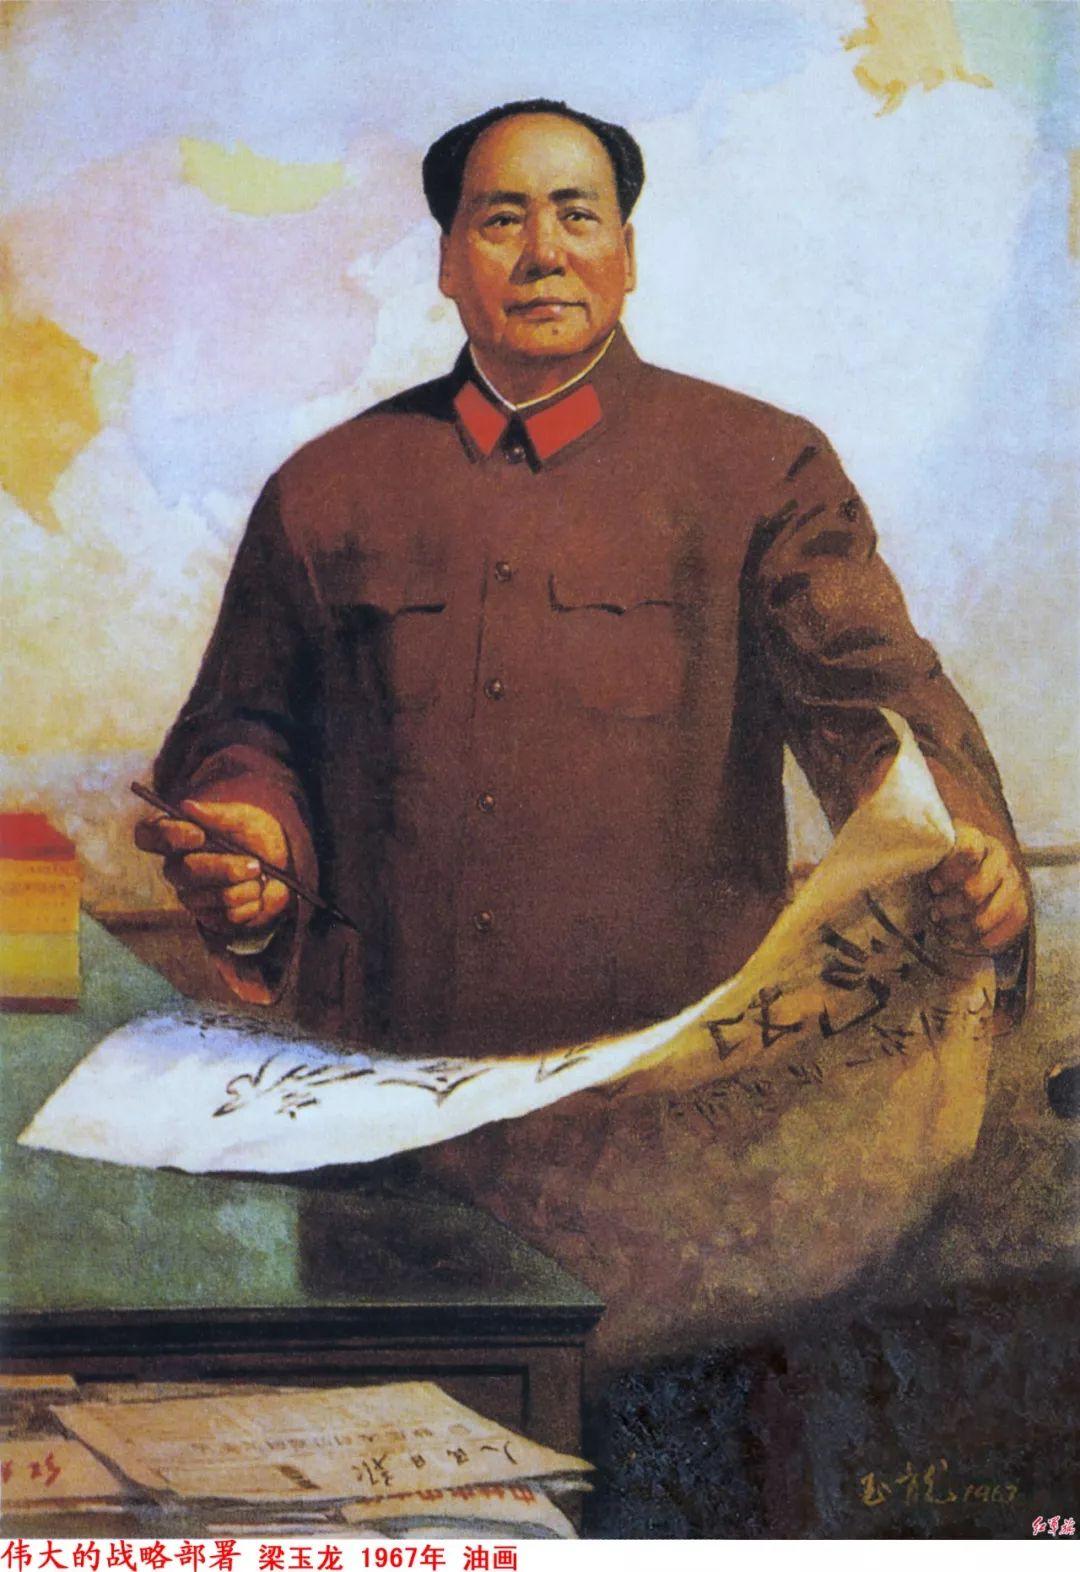 画家笔下的毛主席 缅怀毛主席逝世43周年插图60